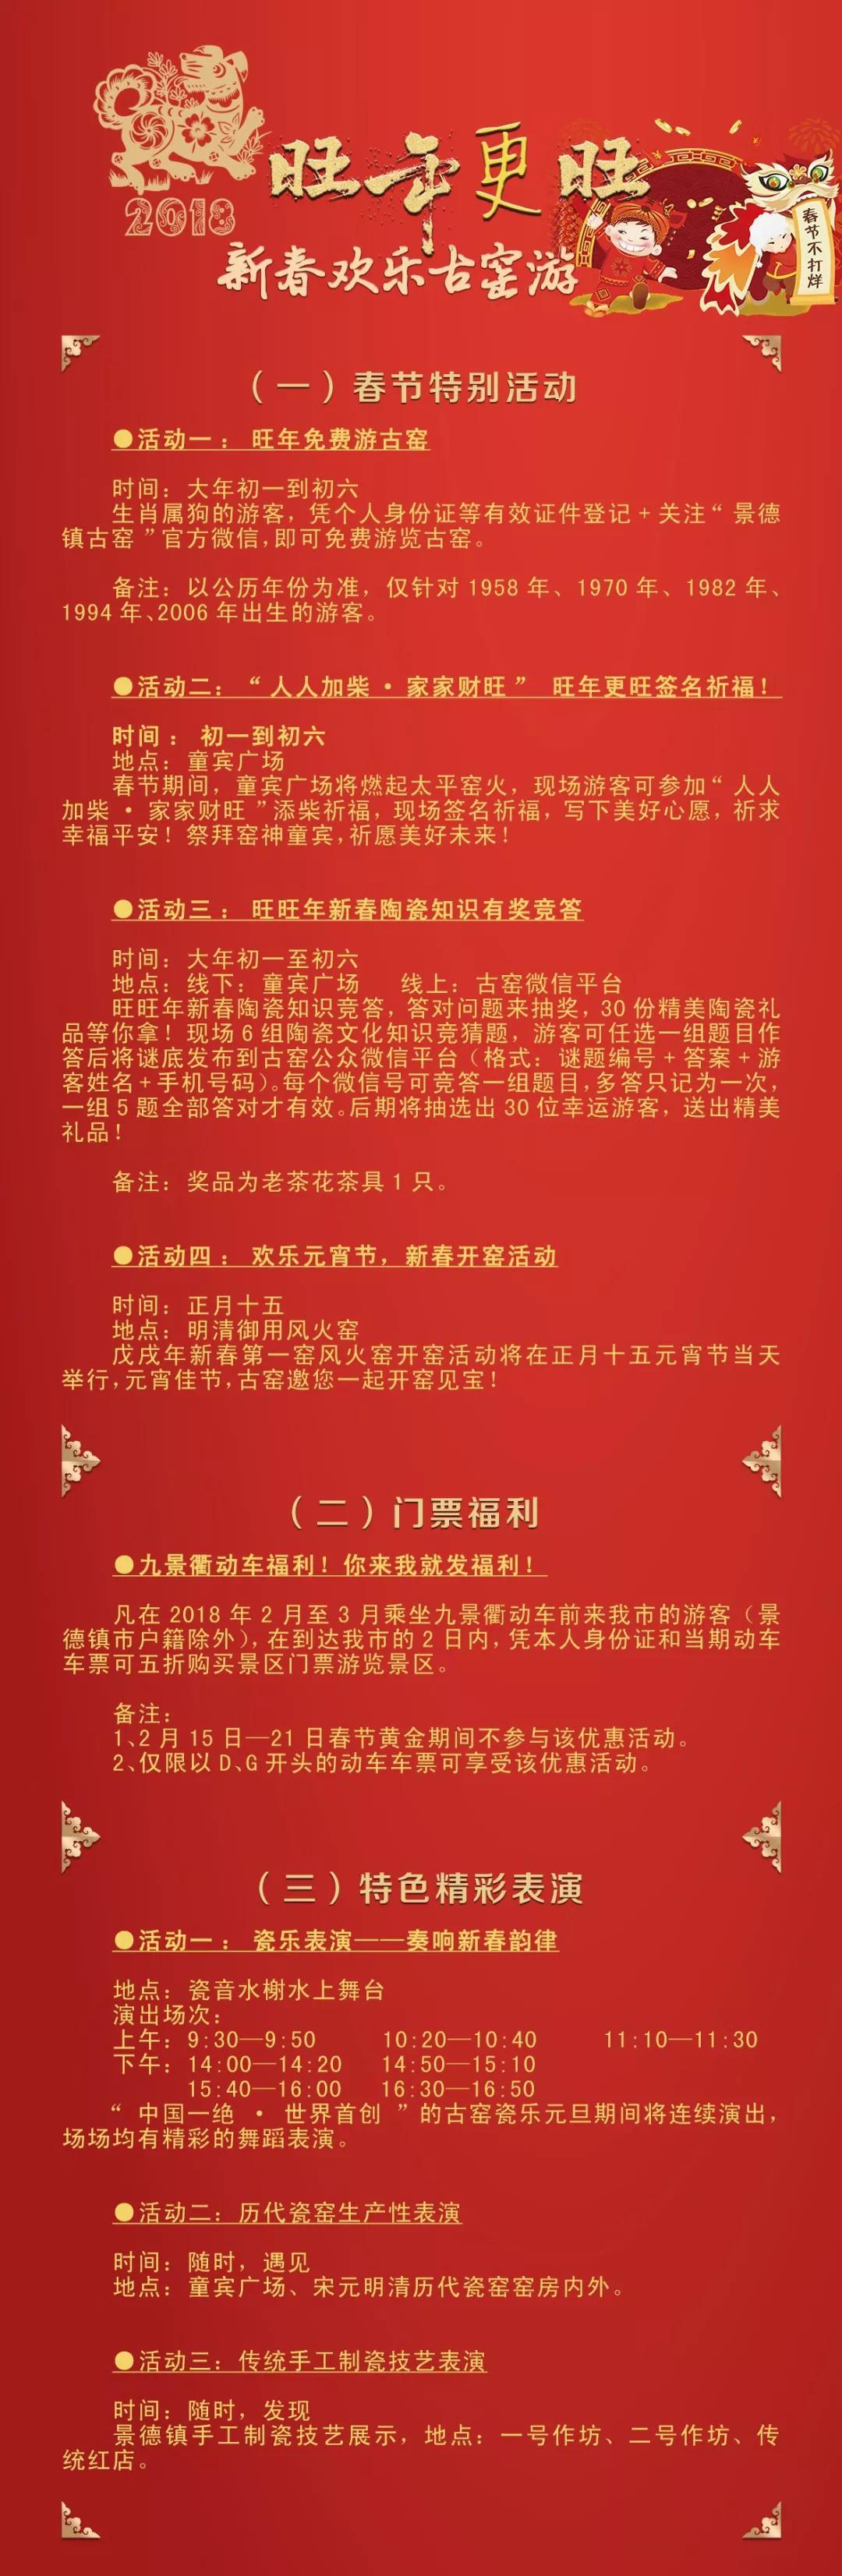 旺年春节哪里去?免费游古窑?还有